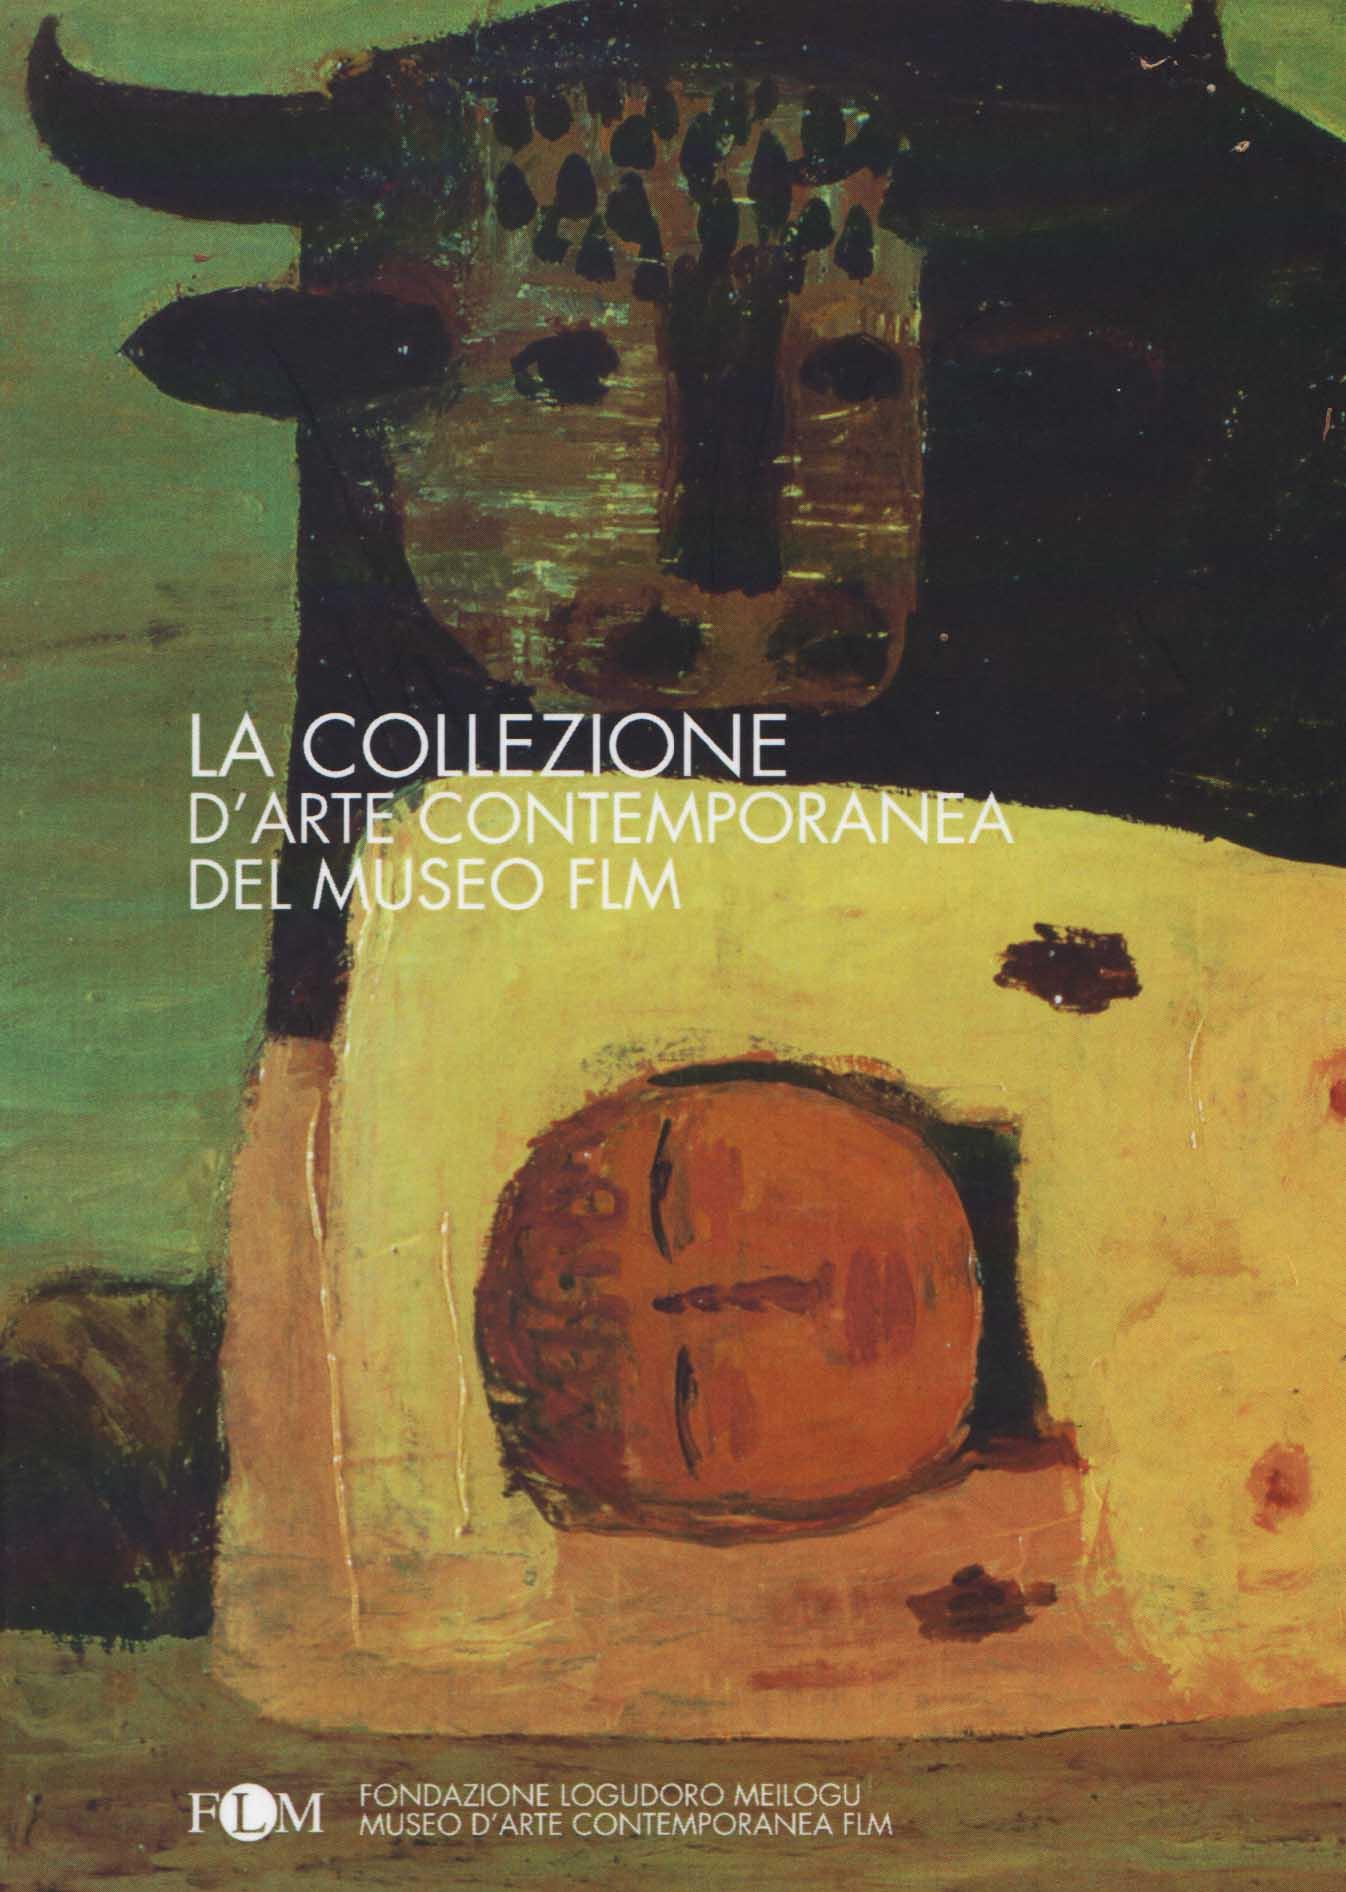 LA COLLEZIONE D'ARTE CONTEMPORANEA DEL MUSEO FLM